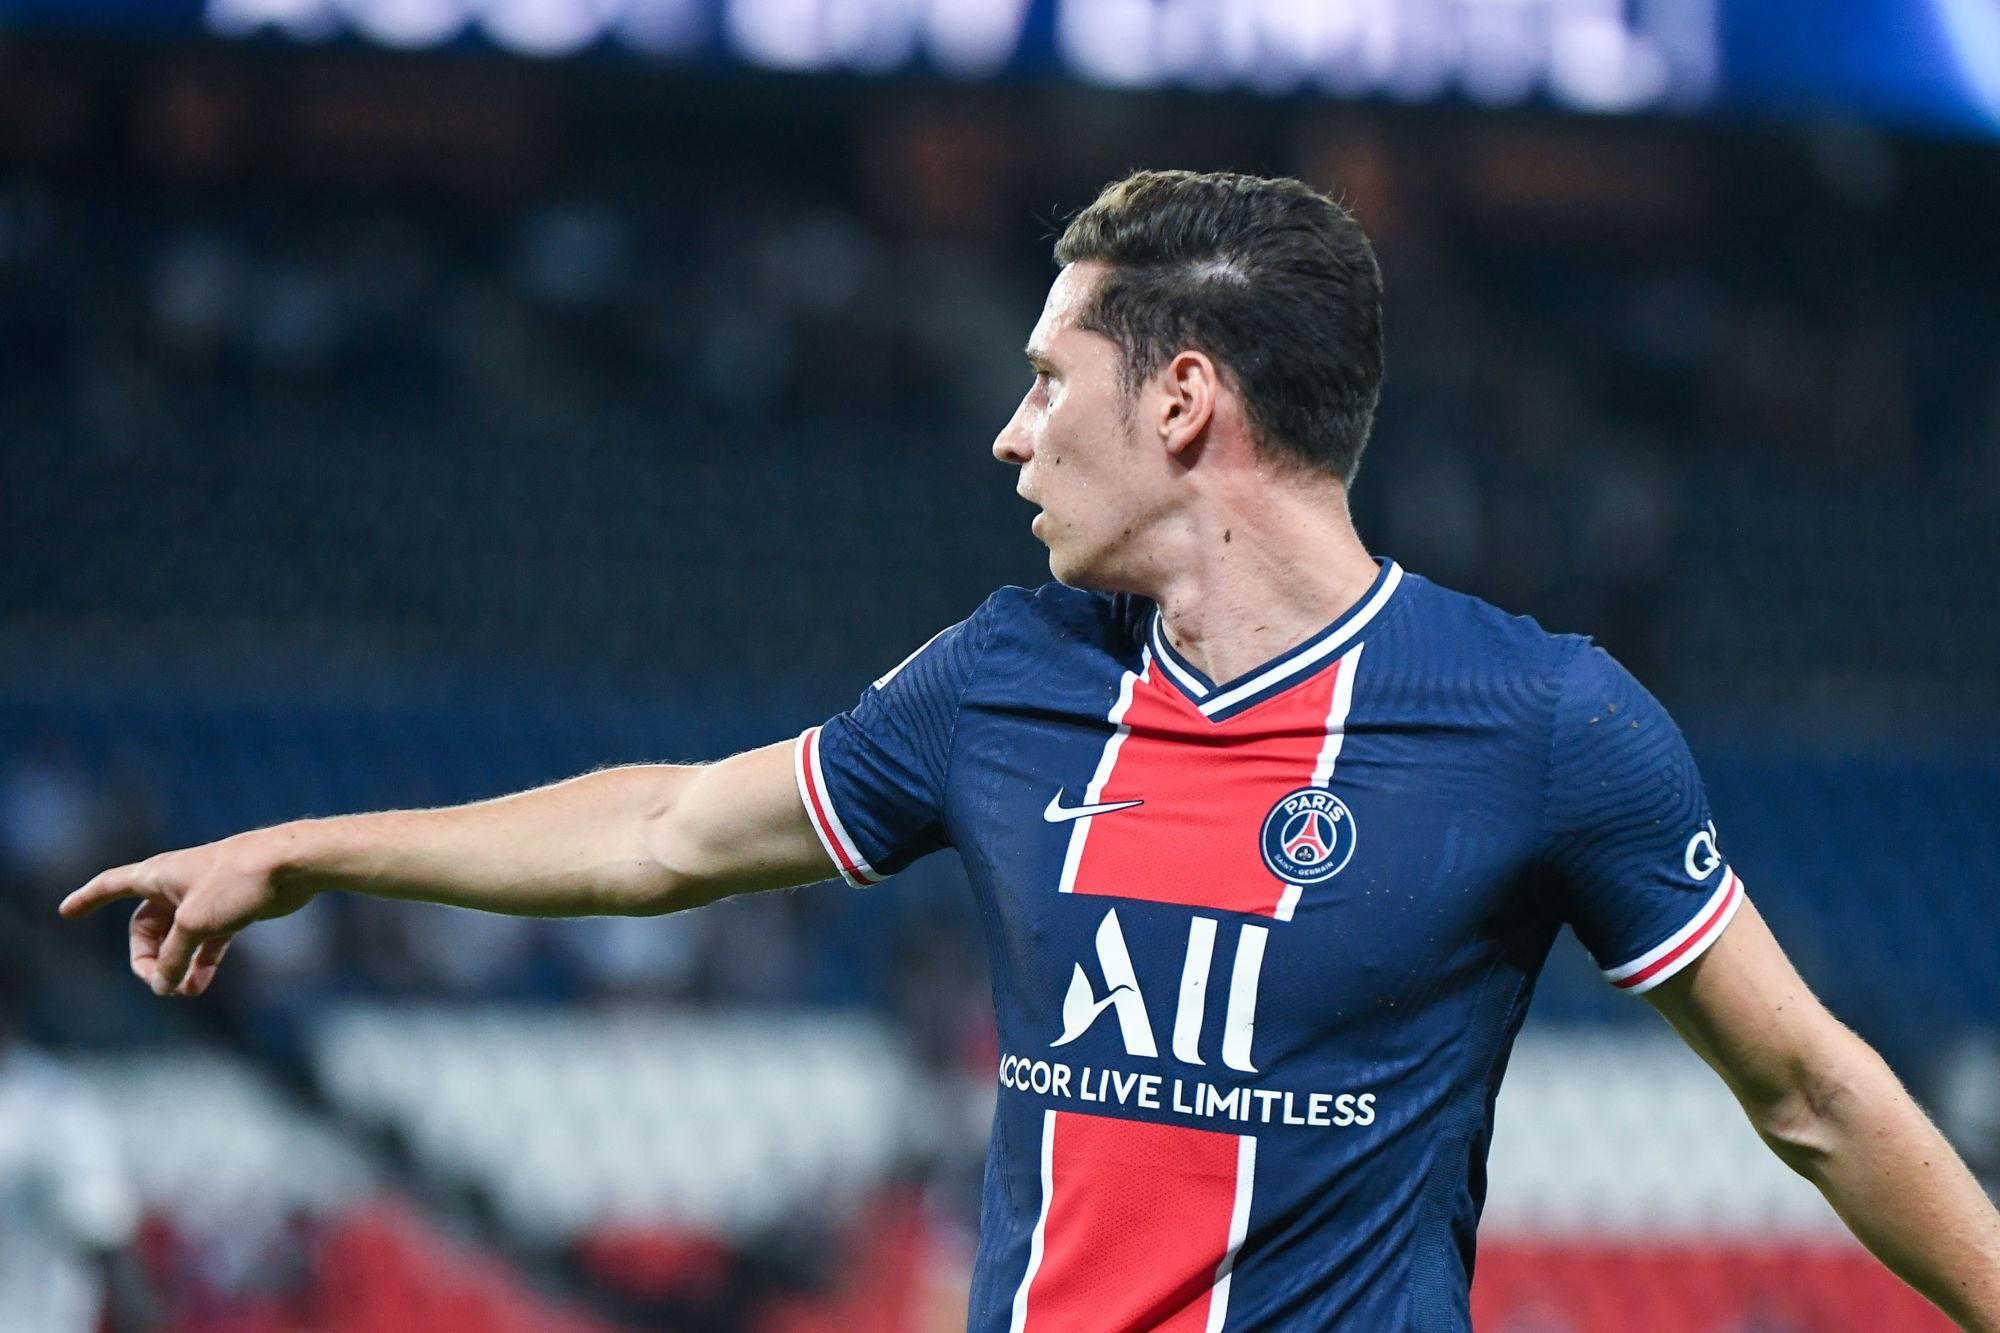 Mercato - Draxler a 3 destinations possibles dont Arsenal, d'après France Football